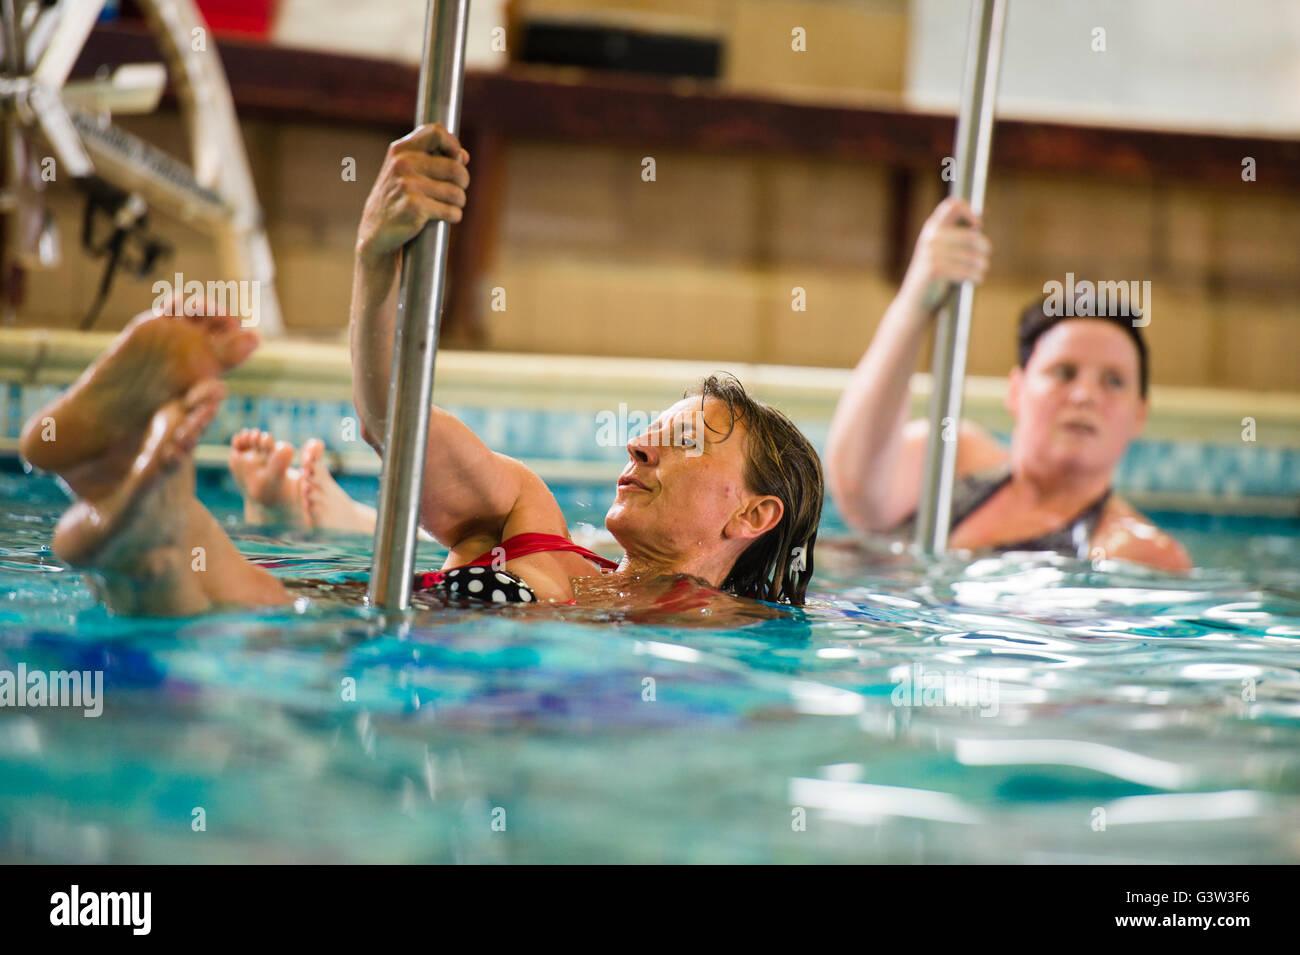 Hydropole fitness piscina classe: un gruppo di adulti senior mature le donne che prendono parte ad un 'hydropole' pole dancing lezione di fitness in acqua in una piscina, REGNO UNITO Foto Stock